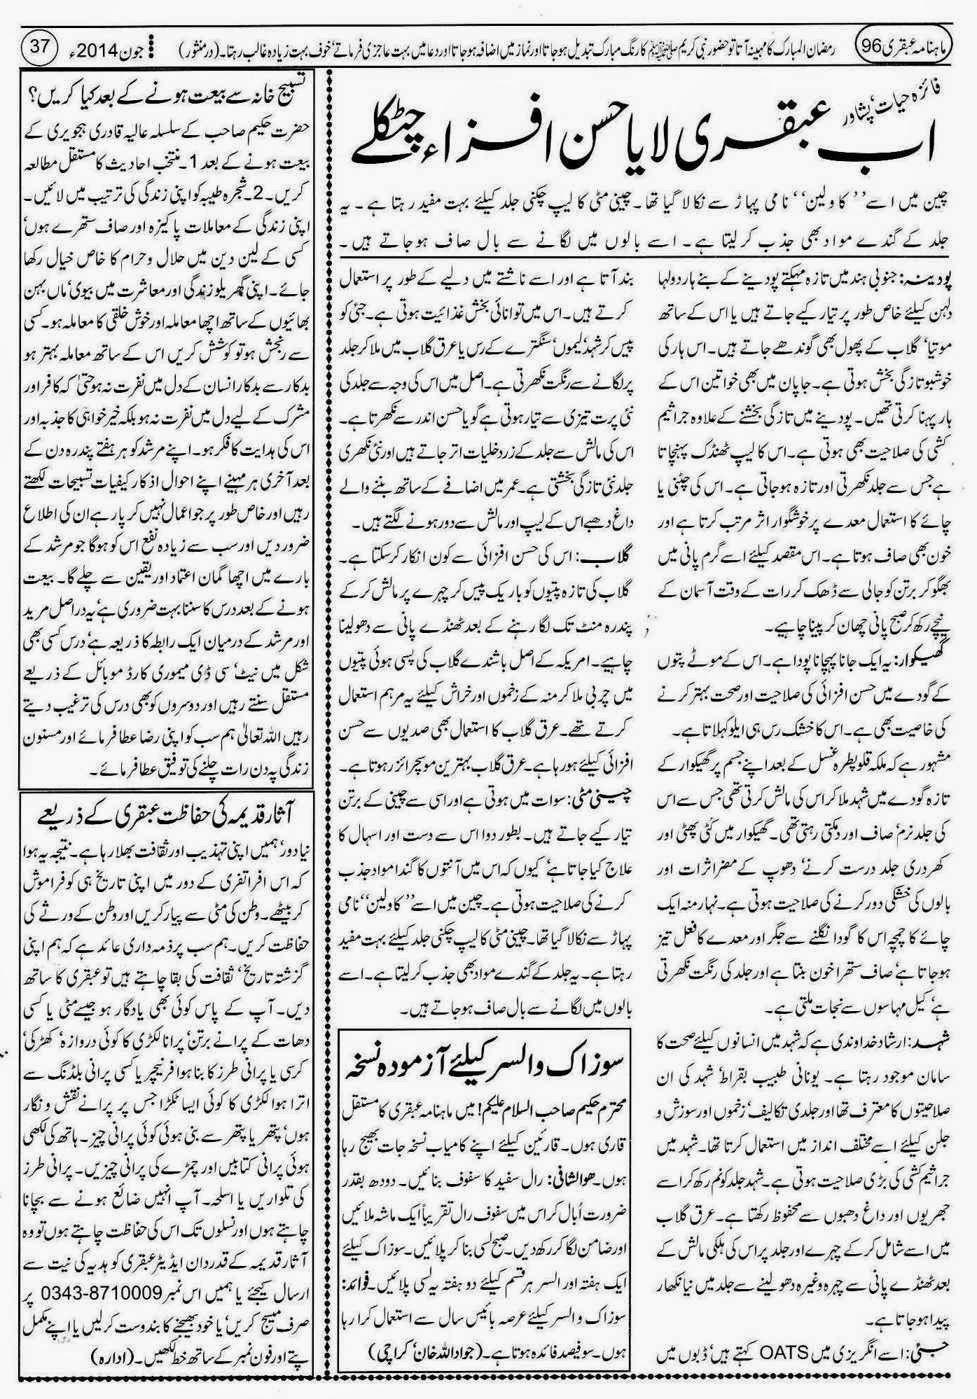 ubqari june 2014 page 37